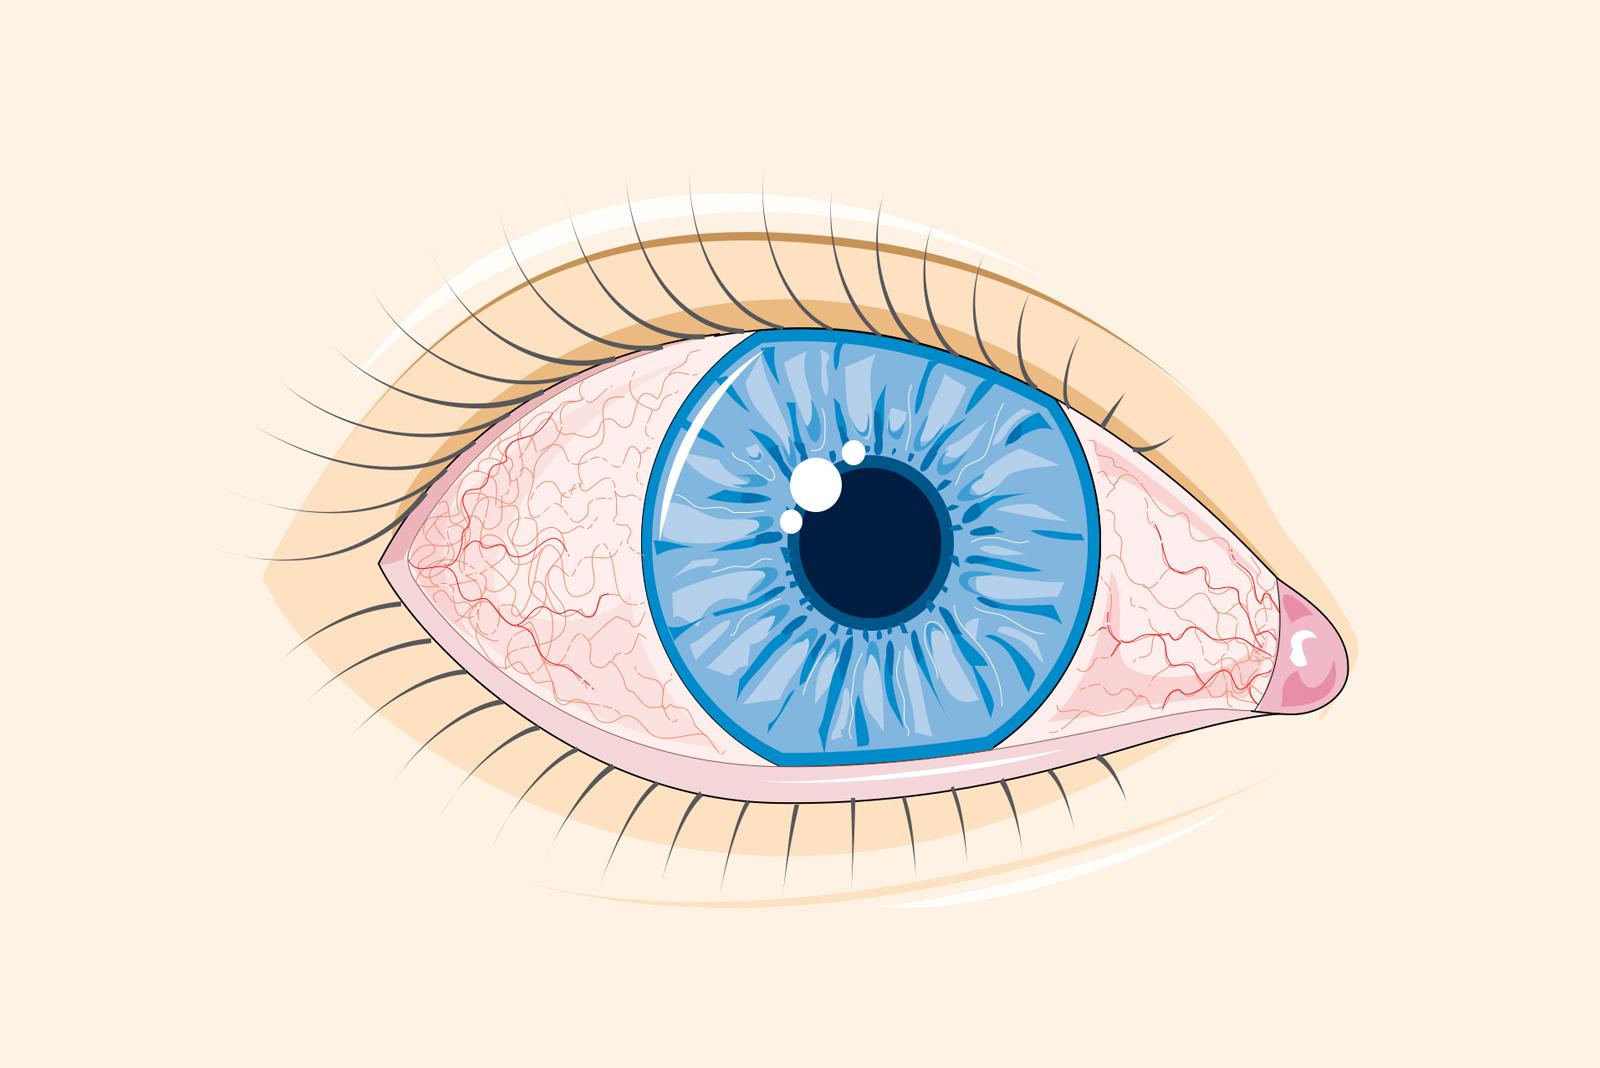 înainte de examinarea ochilor